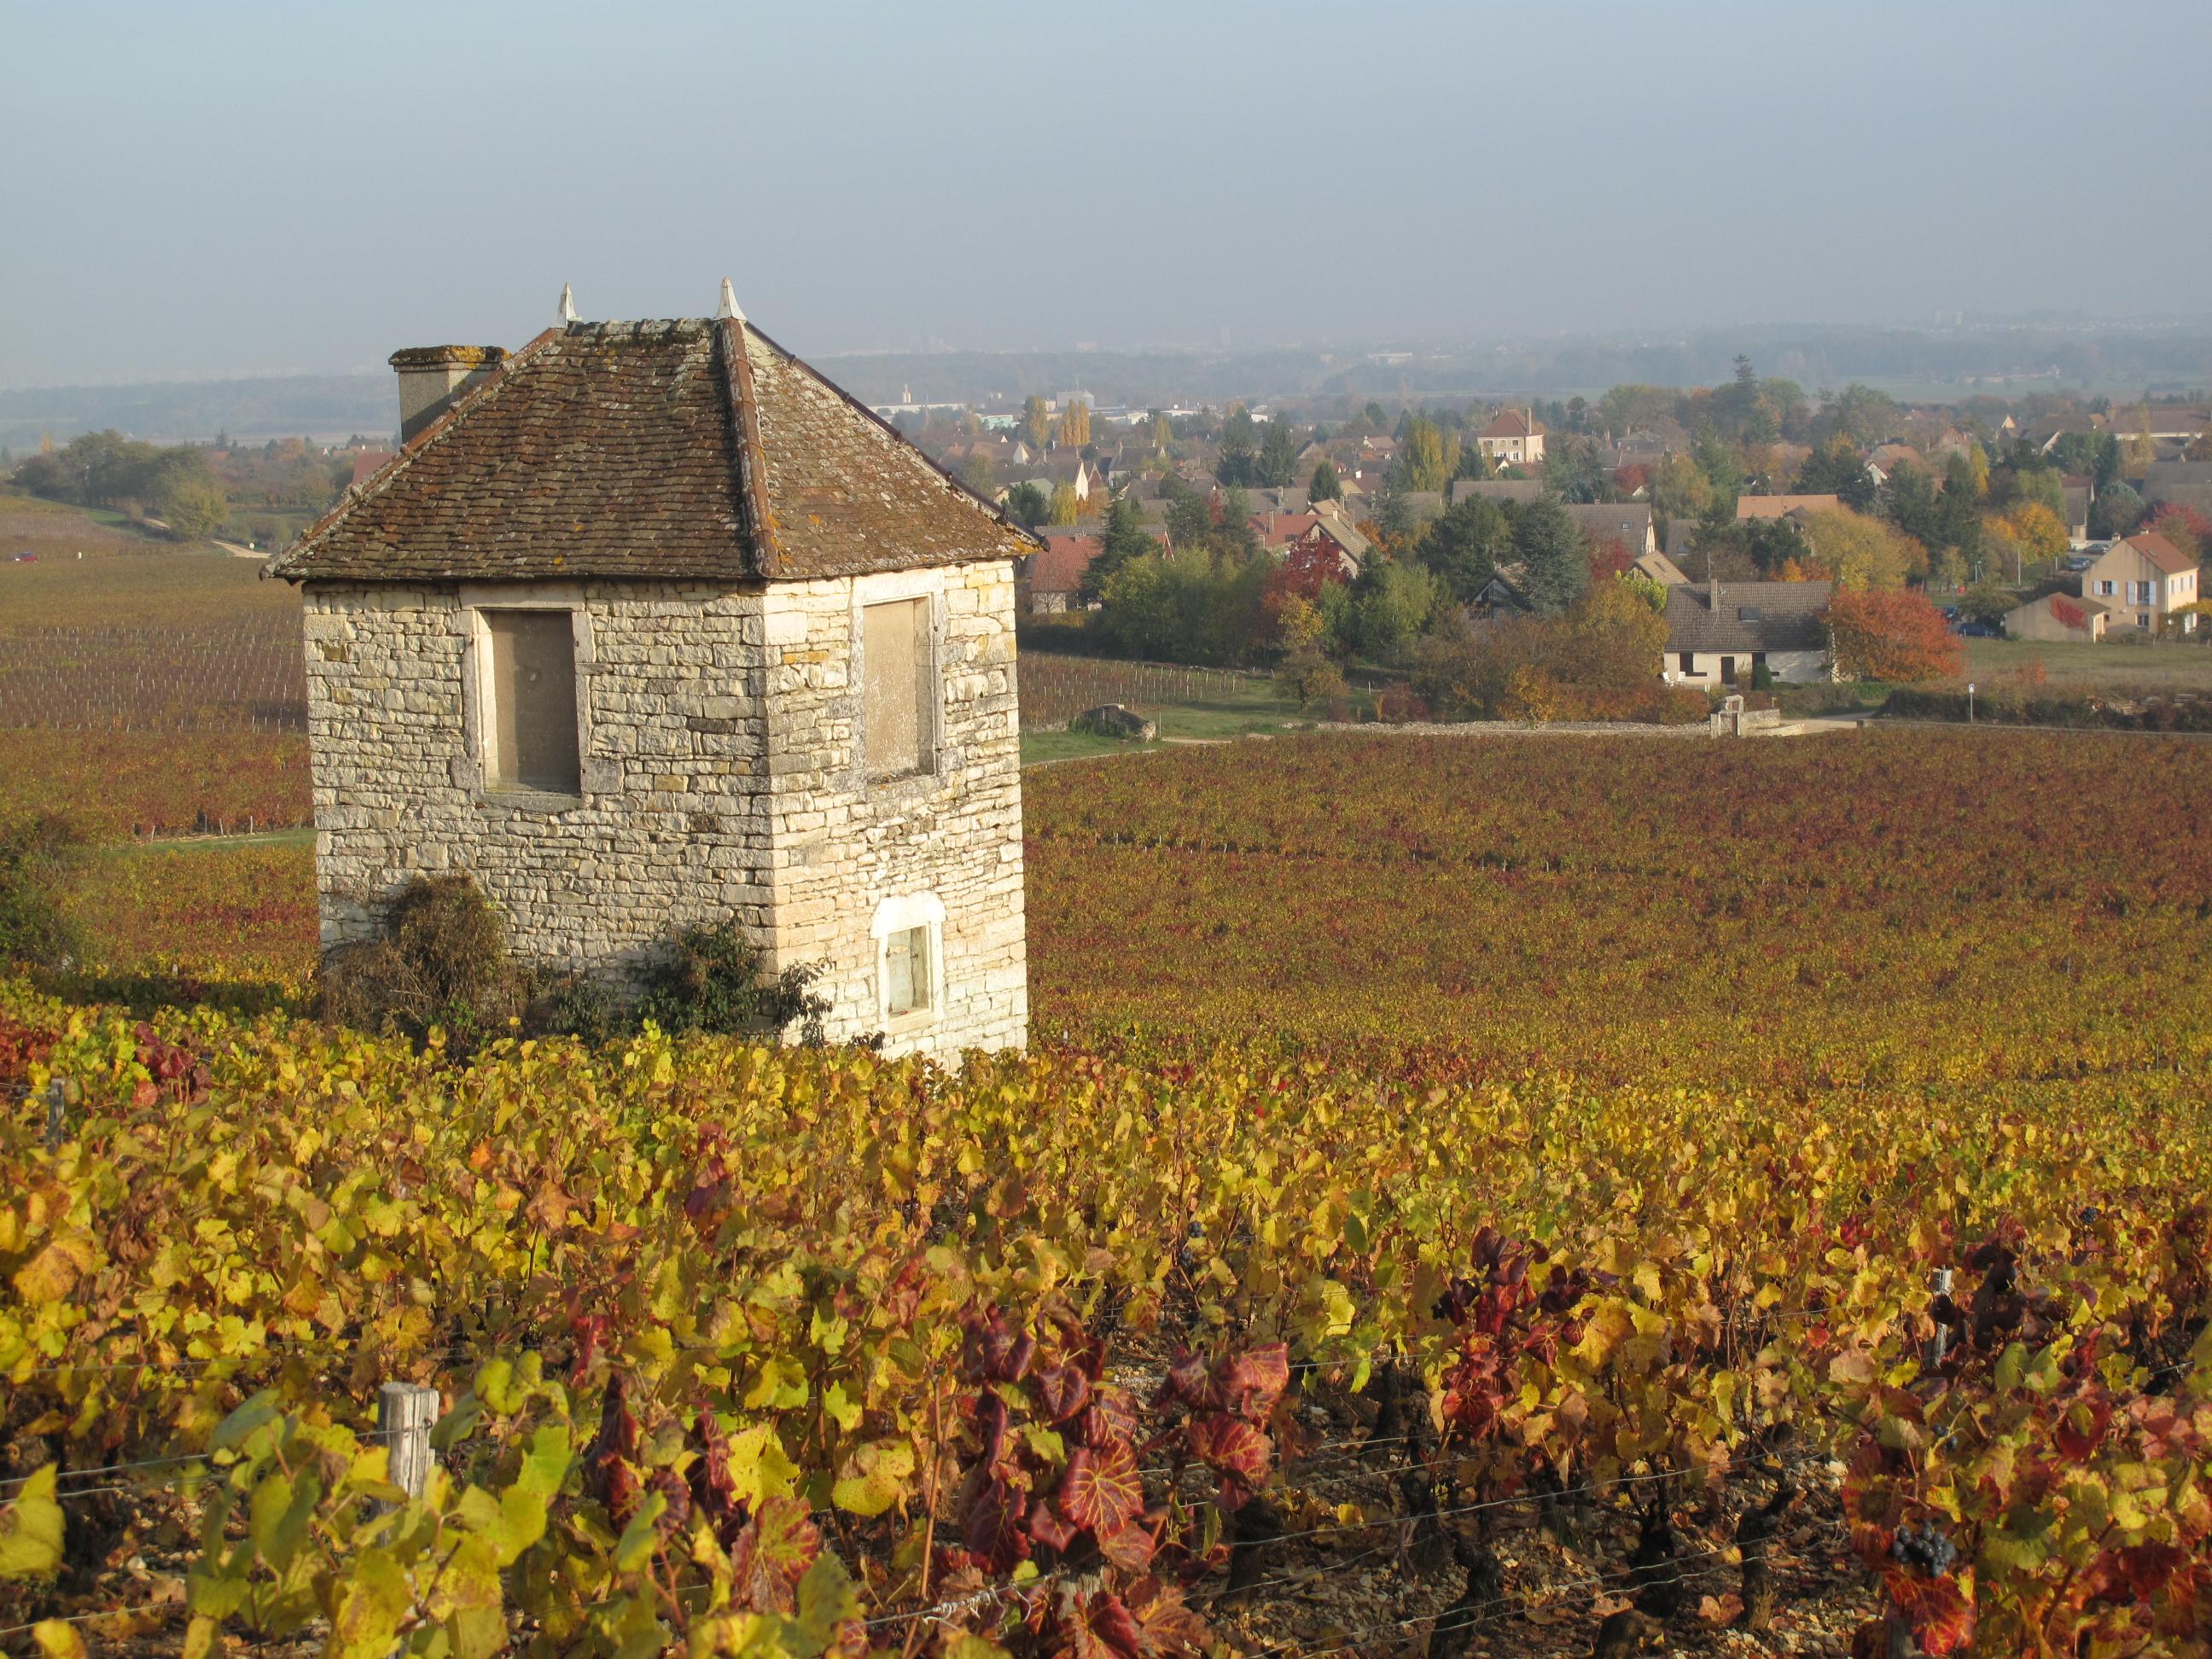 File:Les vignes de Givry le 31-10-2009 - panoramio.jpg - Wikimedia ...